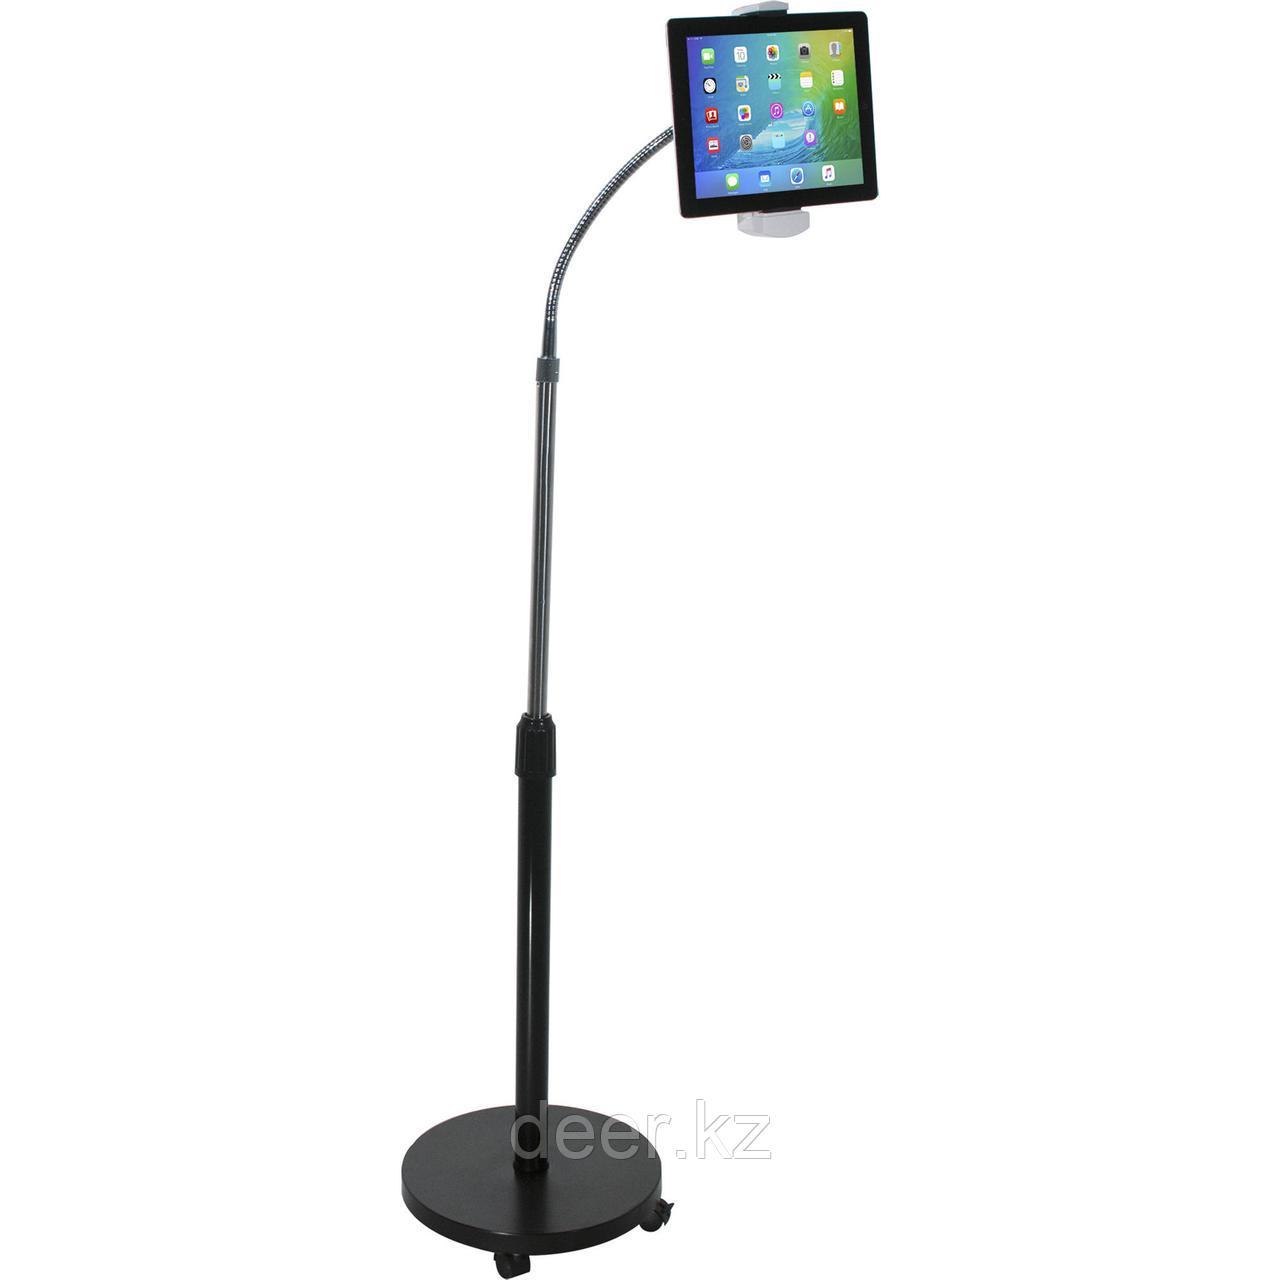 Напольная подставка для планшета 7-12 дюймов PAD-GFS